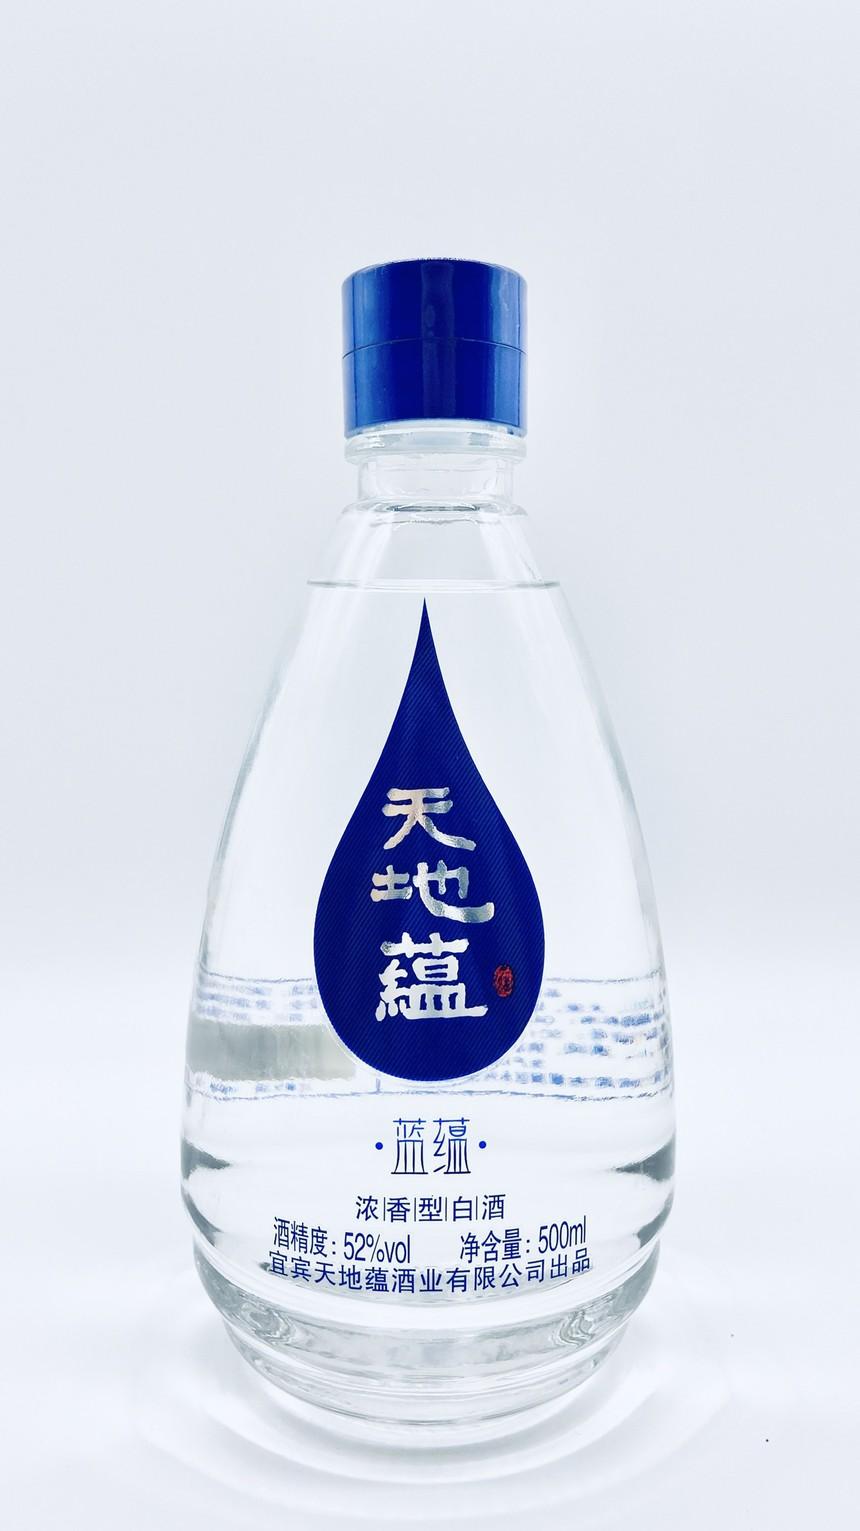 天地蕴酒蓝蕴(500ml).jpg